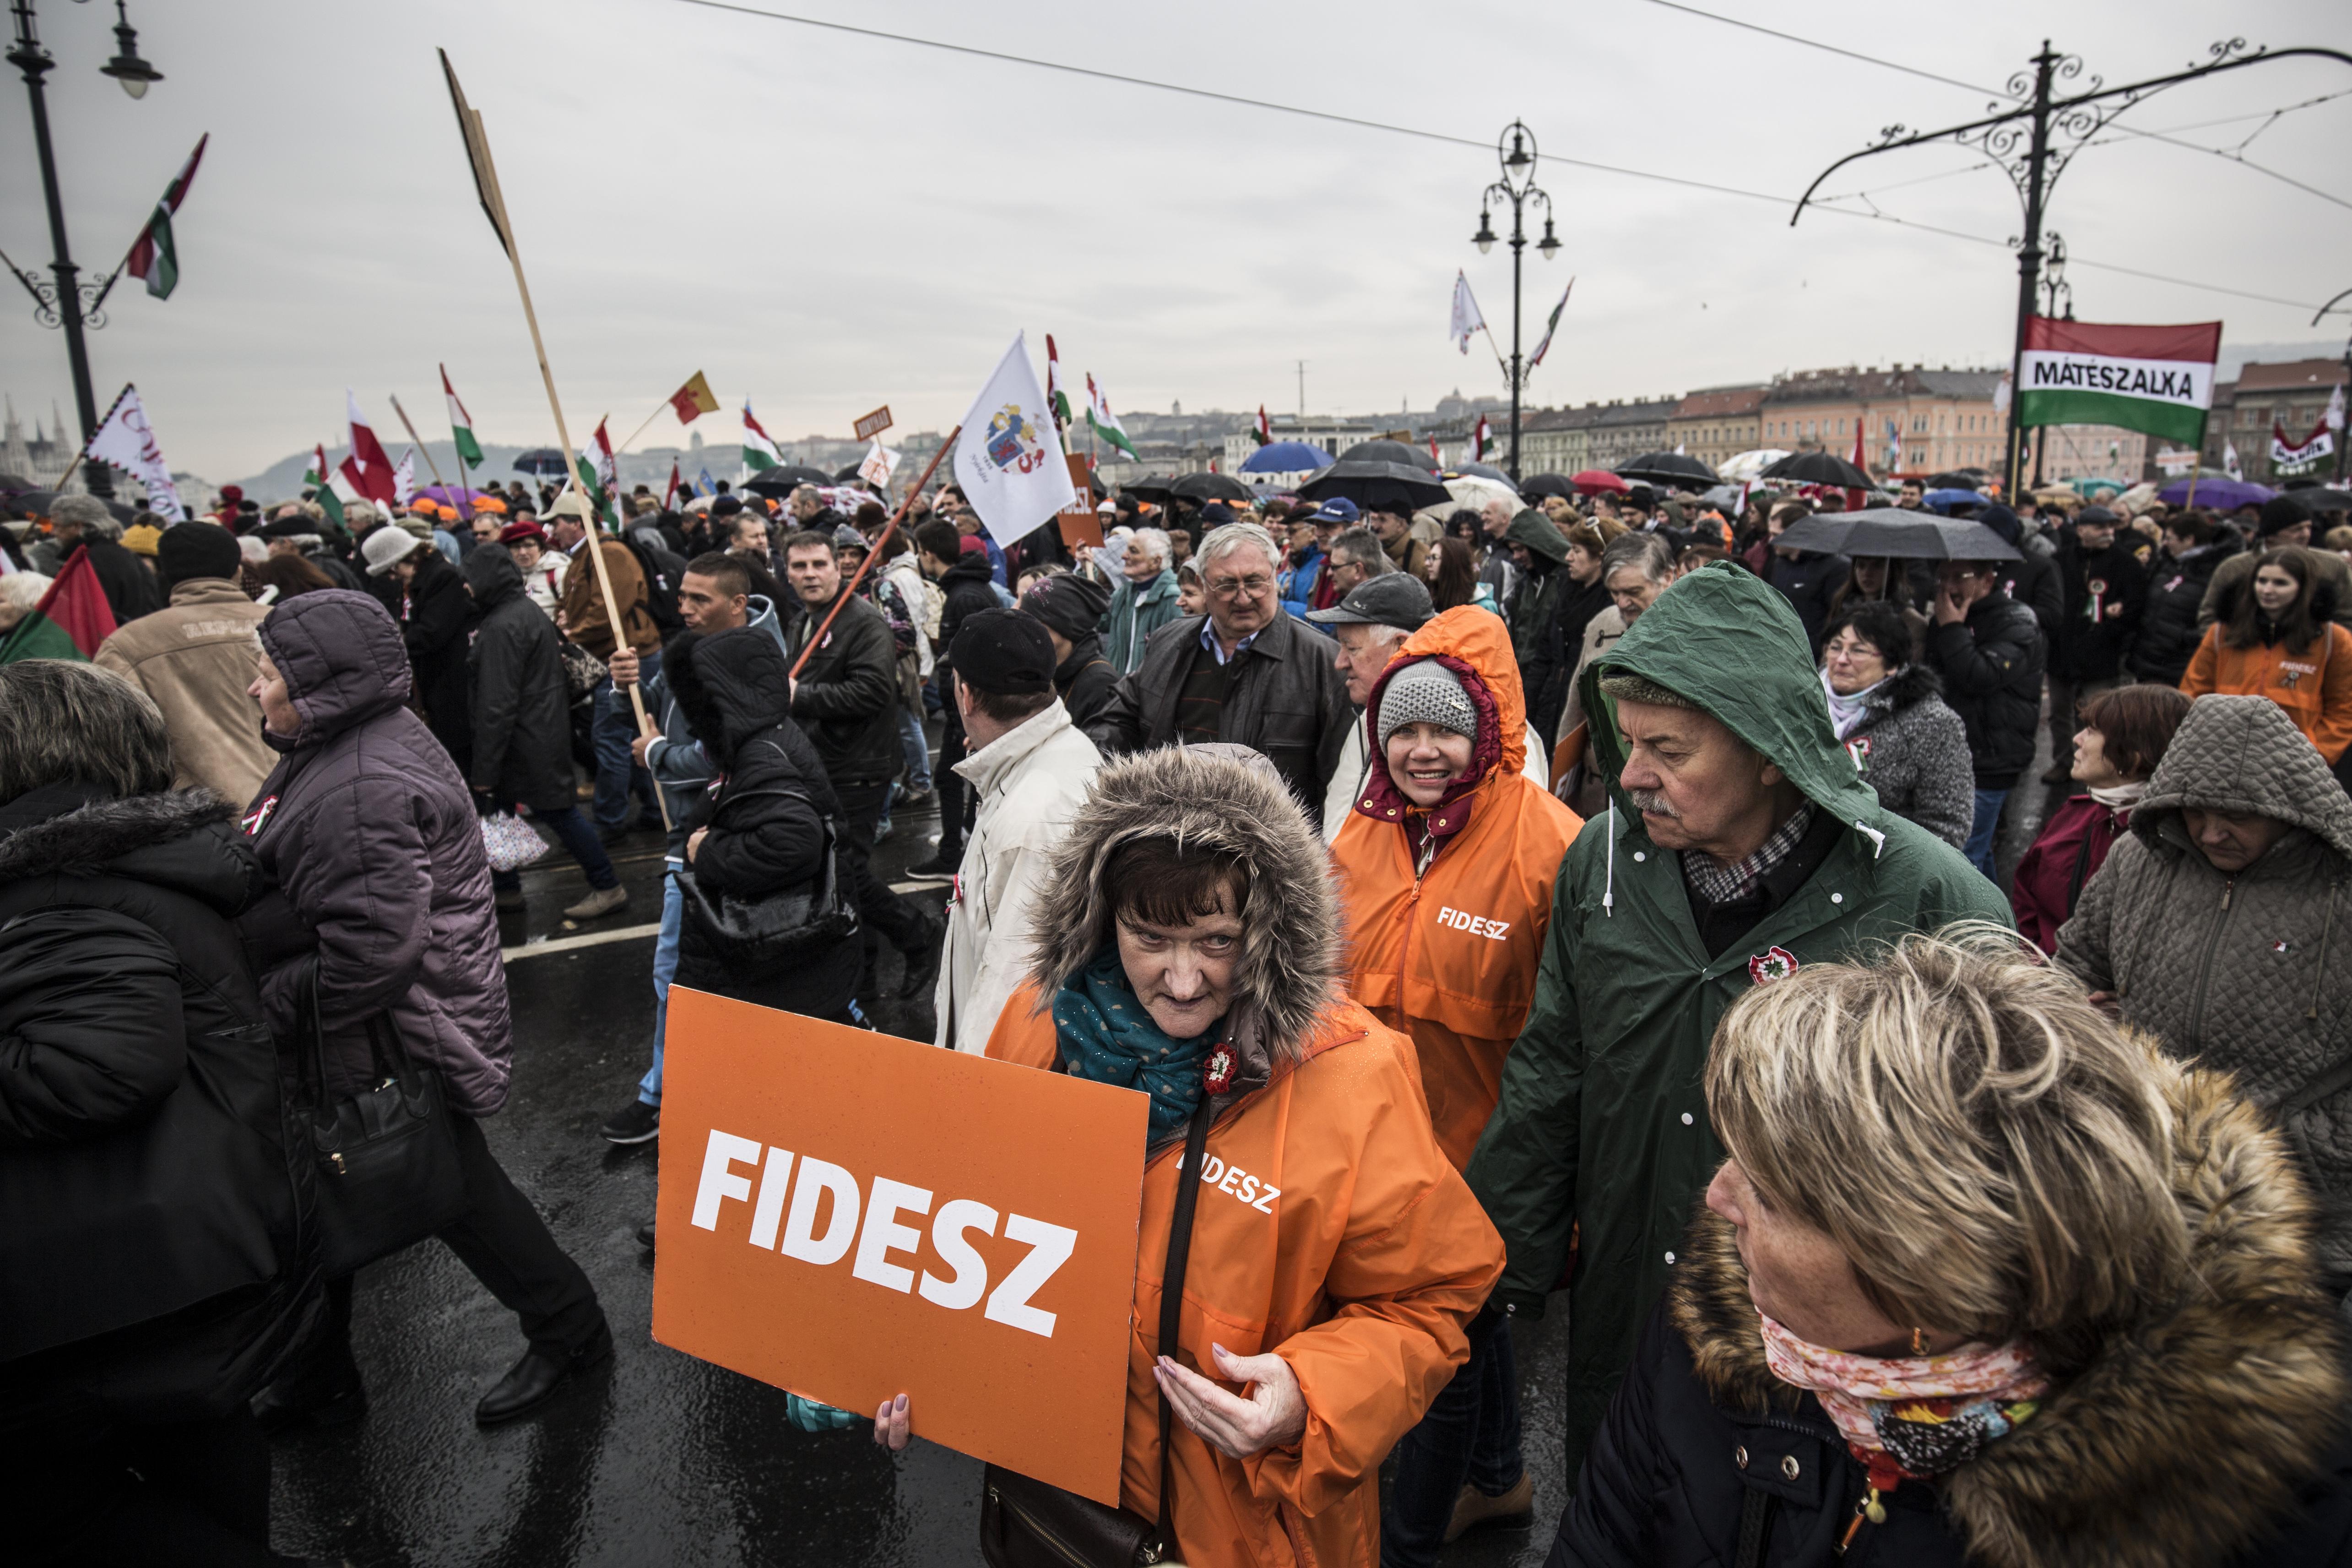 Magyar Nemzet: Saját aktivistáit is ellenőrzi a Fidesz